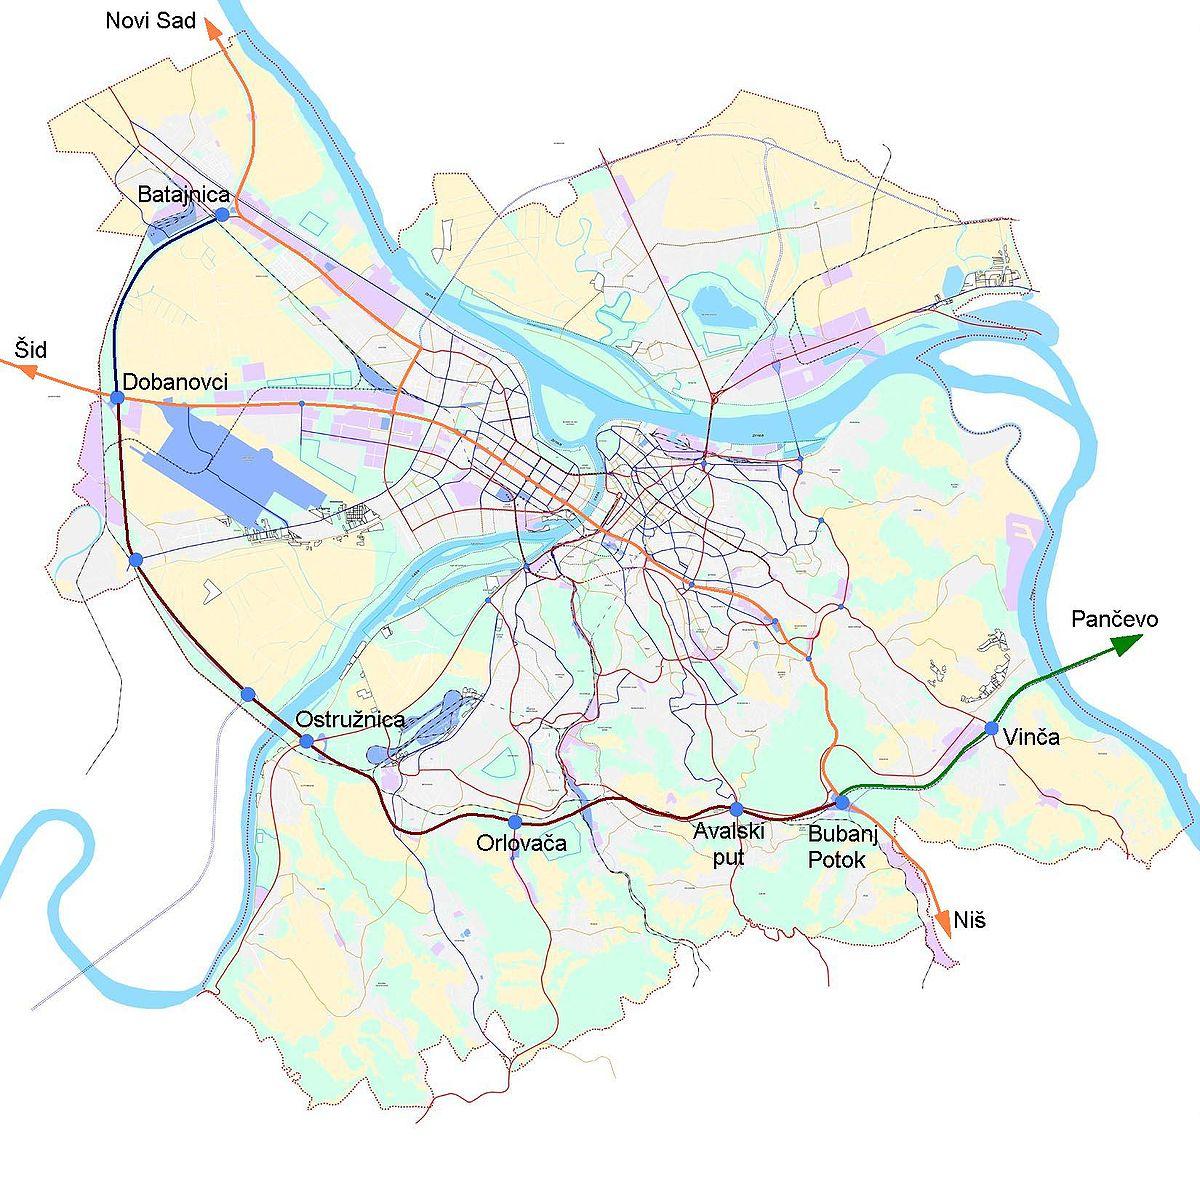 groblje orlovaca beograd mapa Obilaznica Beograd — Википедија, слободна енциклопедија groblje orlovaca beograd mapa